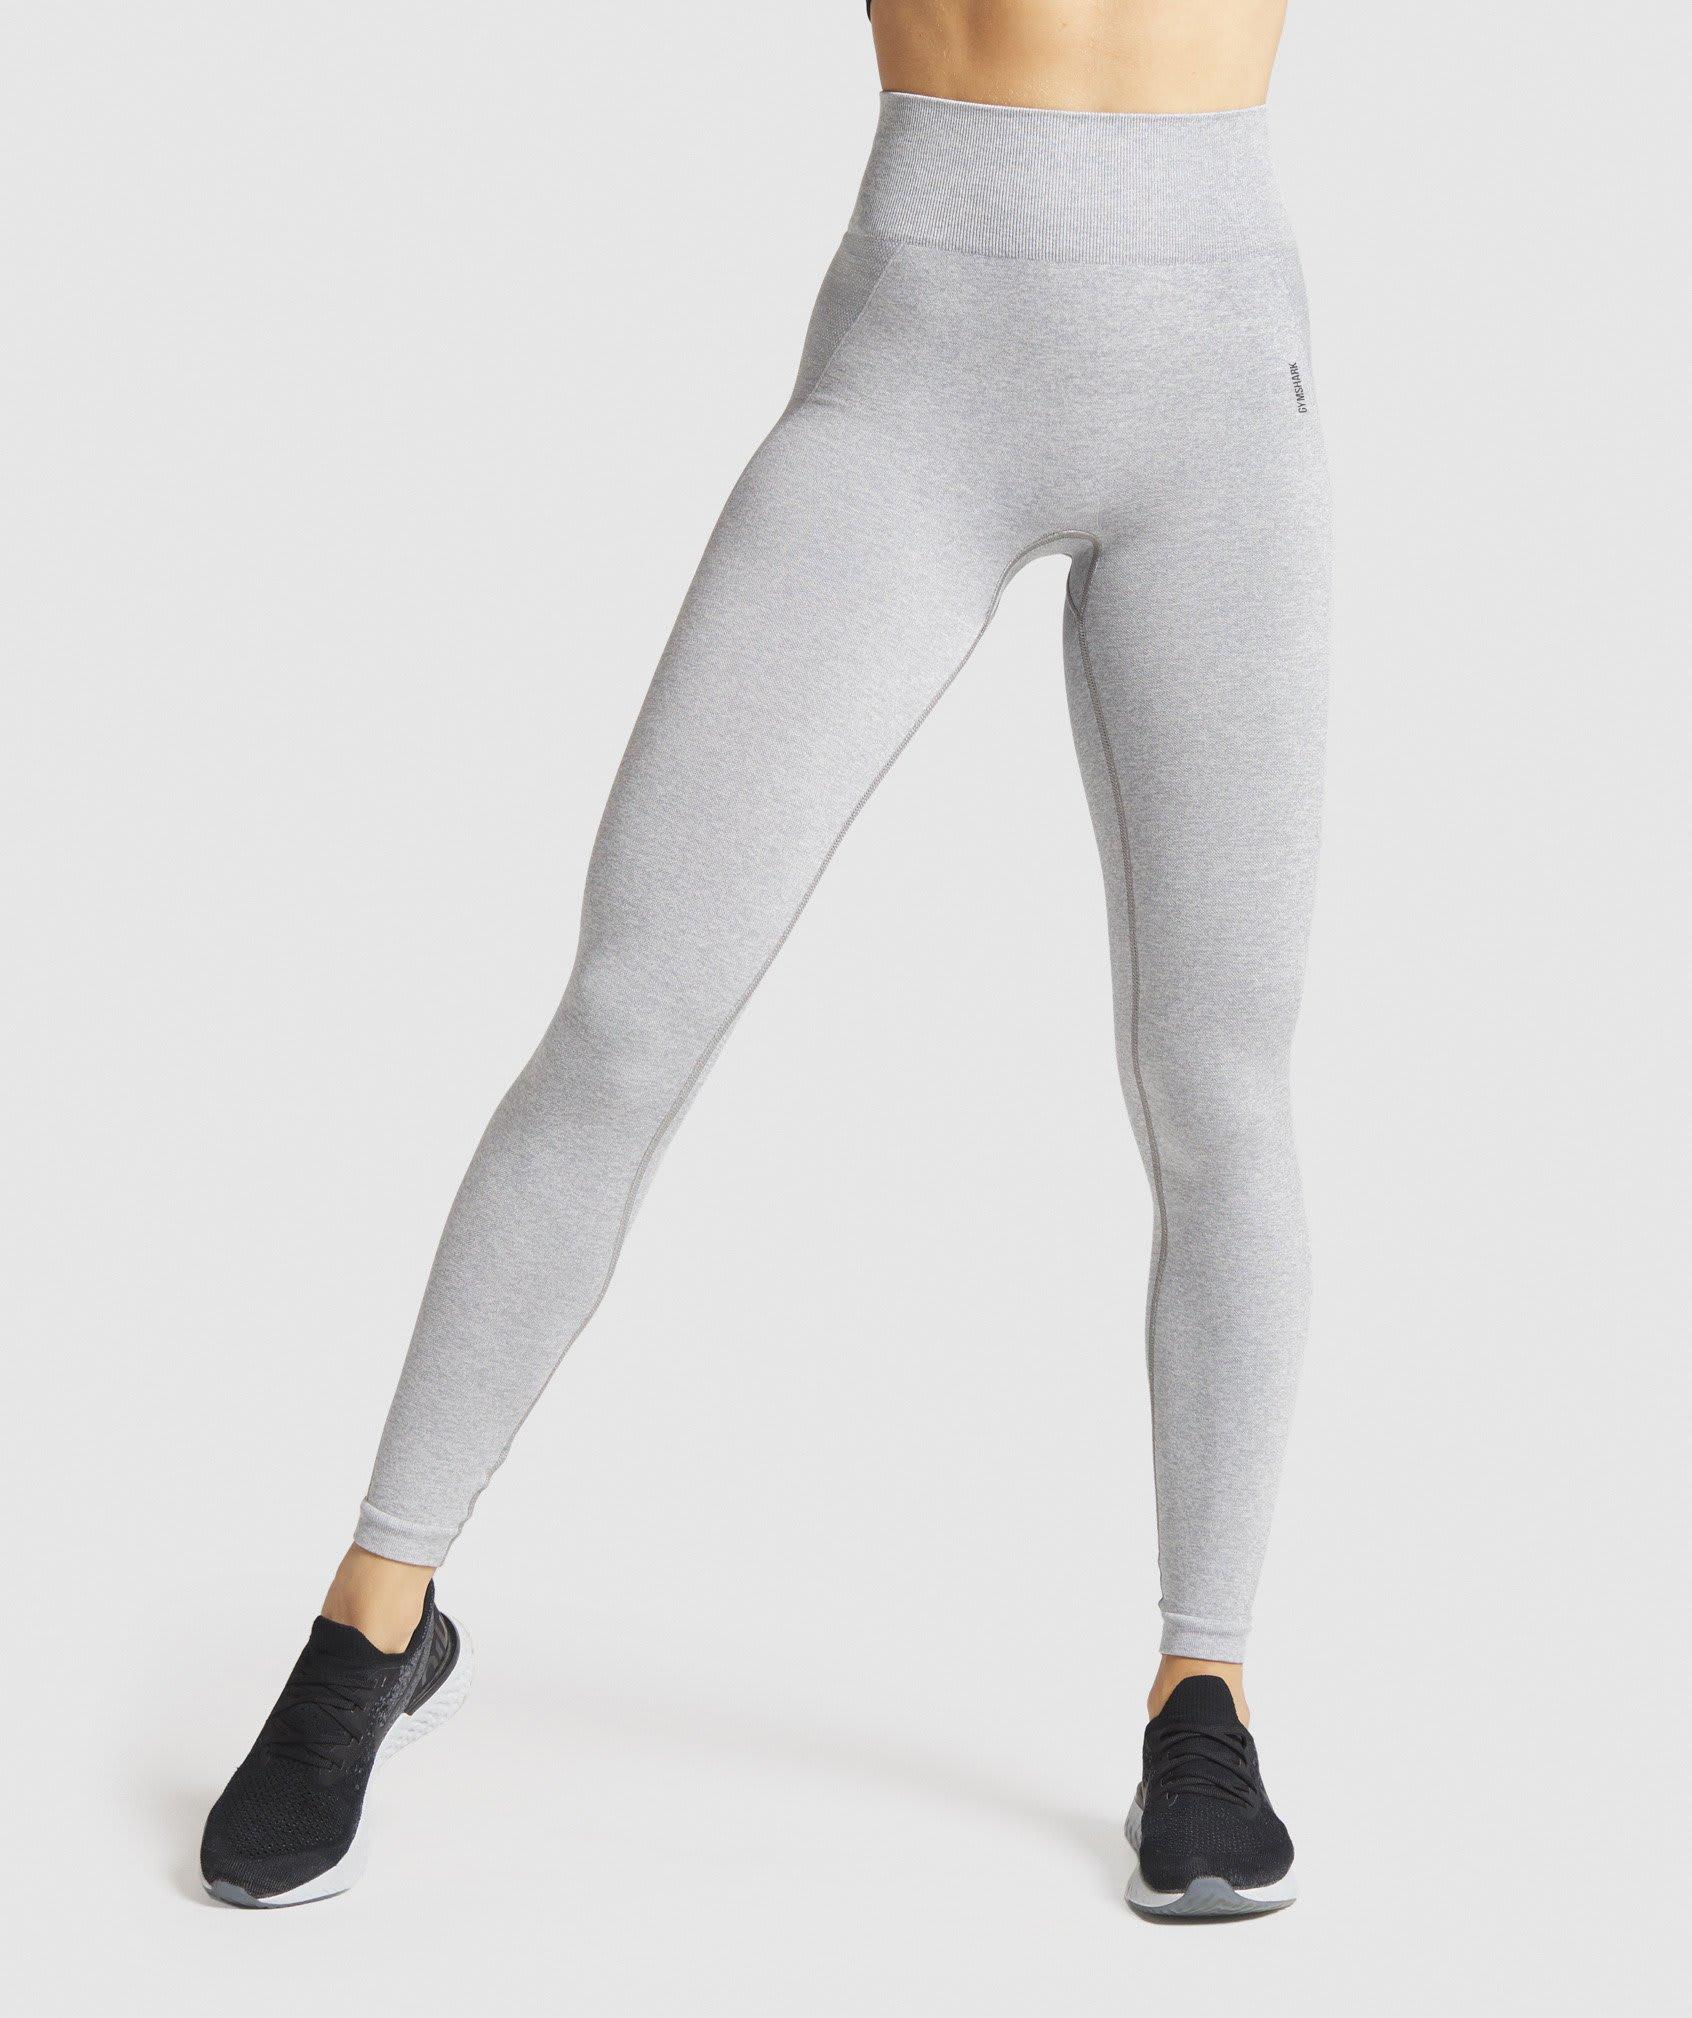 FLEX  LEGGINGS by Gymshark, available on gymshark.com for $50 Nicole Scherzinger Pants SIMILAR PRODUCT